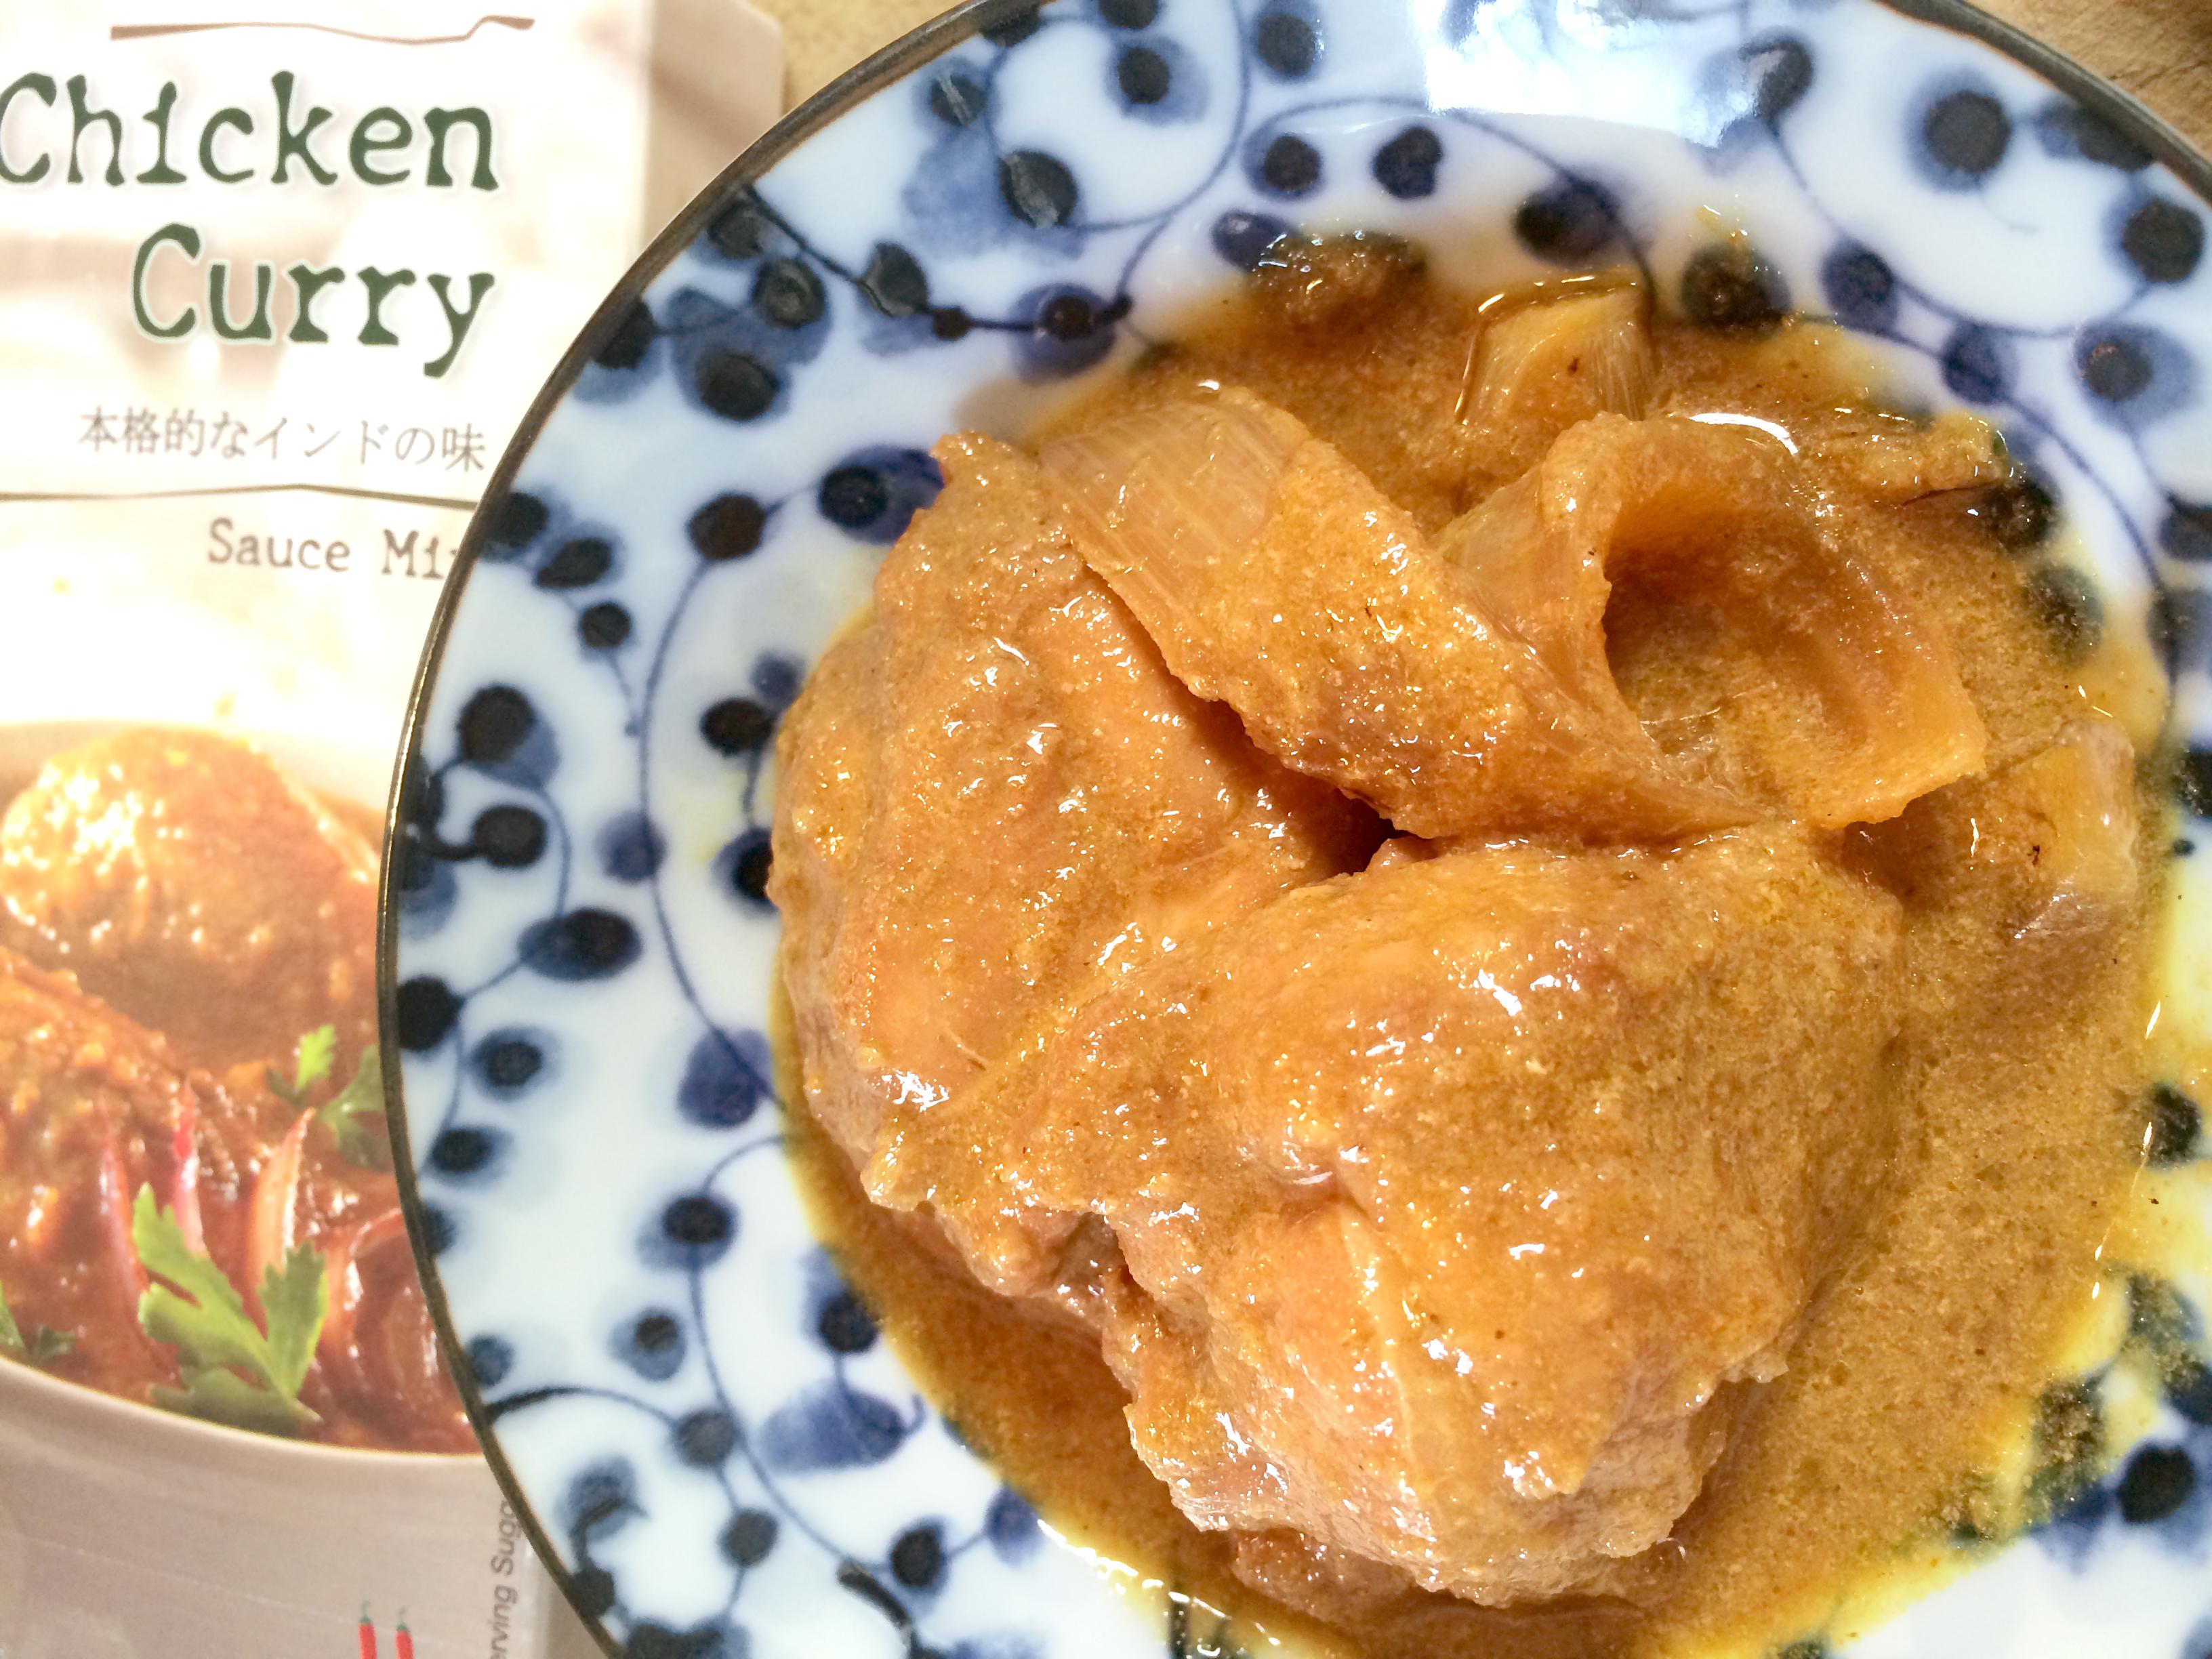 チキン カレーの写真